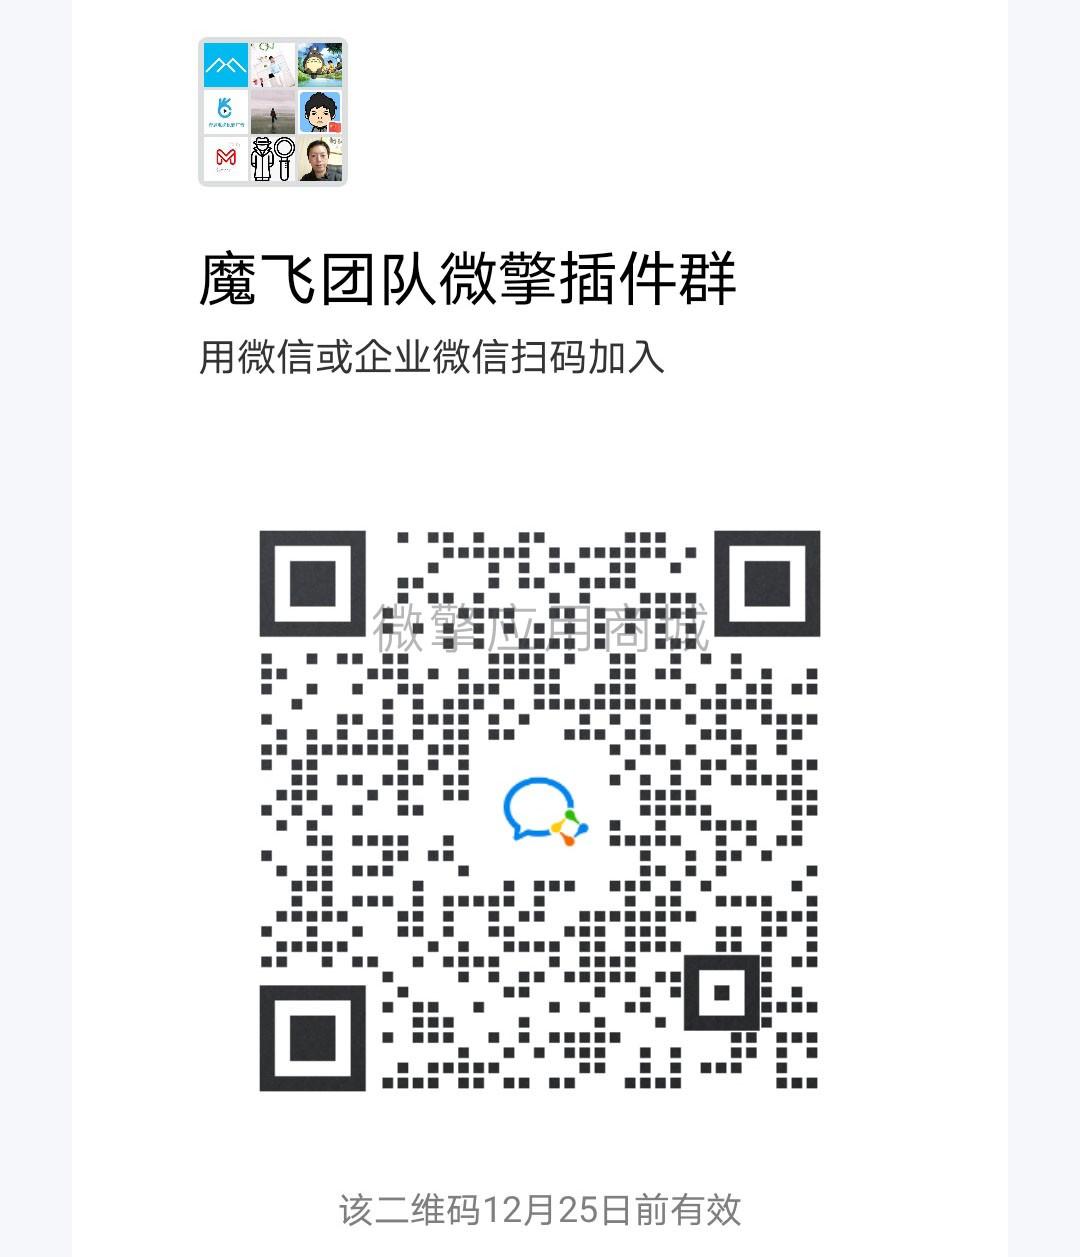 微信企业群12-18.jpg